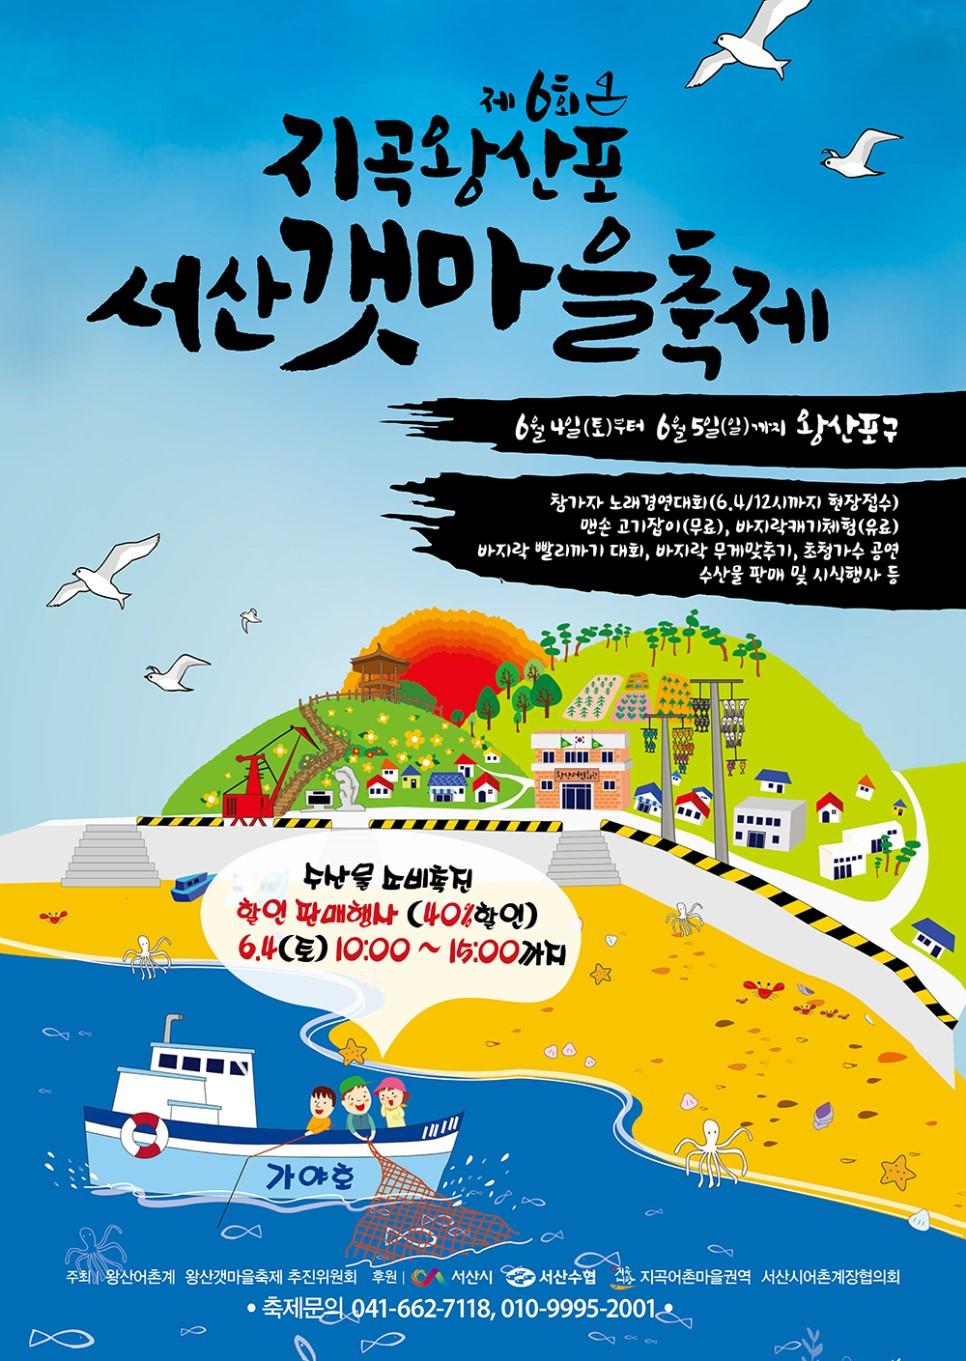 0503지곡왕산포축제_포스터(440x620)_문구수정_(1).jpg